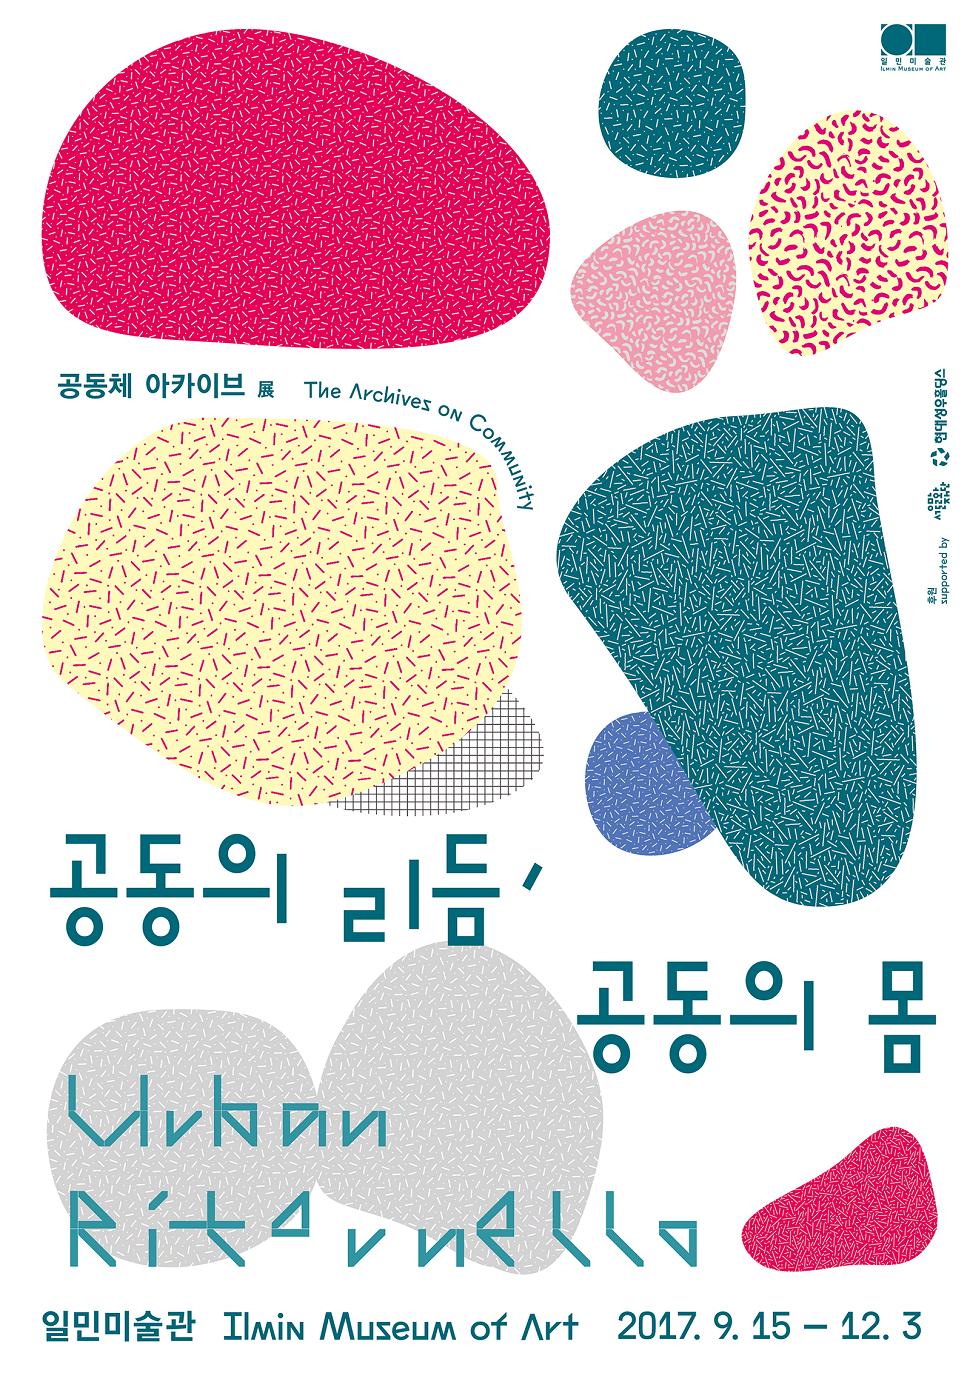 '공동의 리듬, 공동의 몸' 공동체 아카이브 전시 포스터